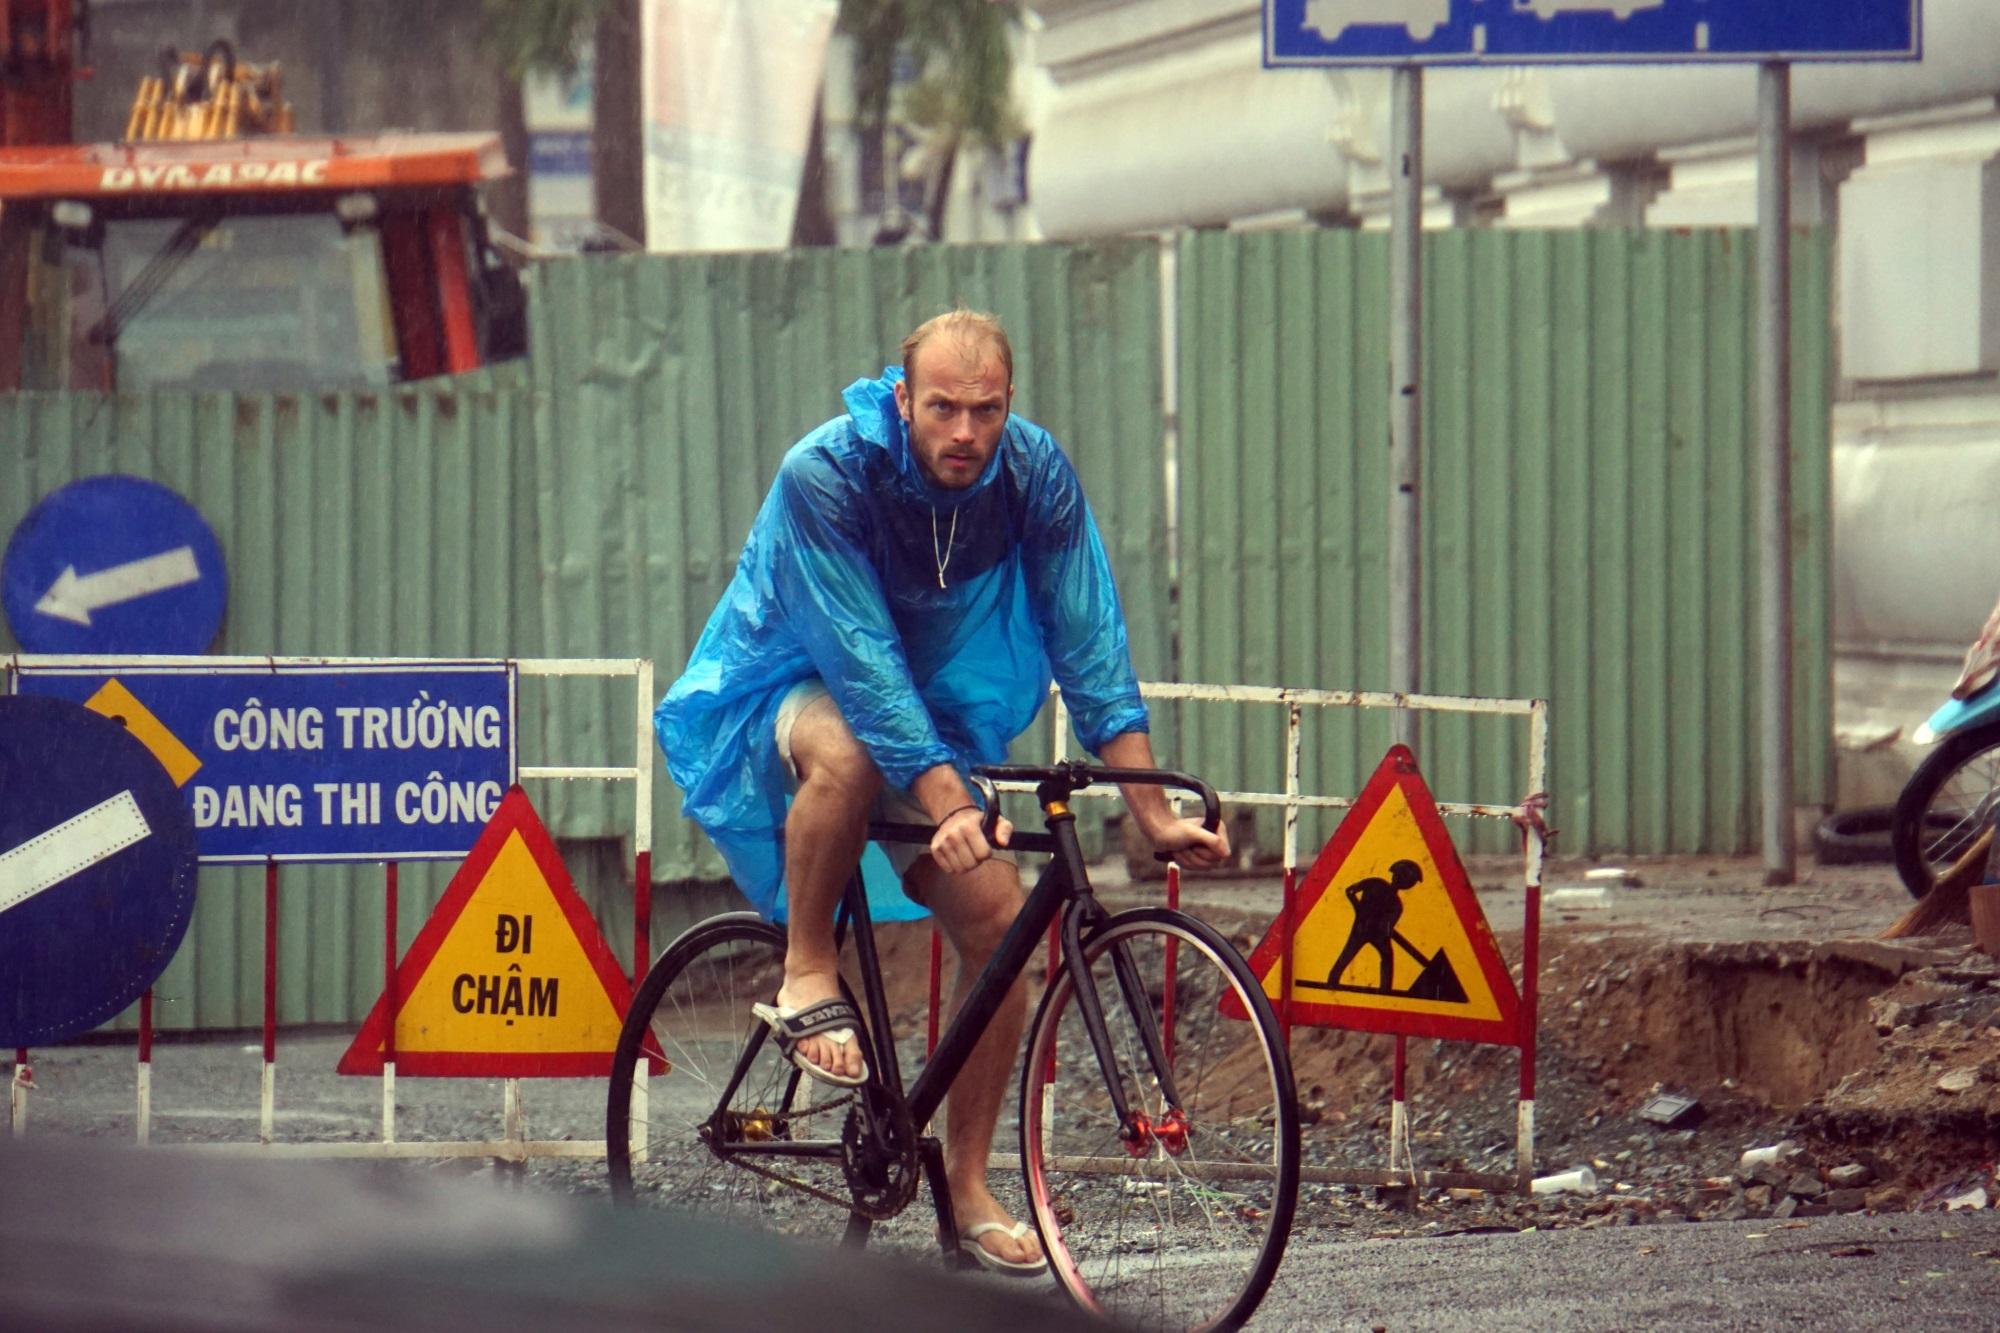 Sài Gòn mưa như trút nước, du khách thoải mái dạo mưa chụp ảnh - Ảnh 6